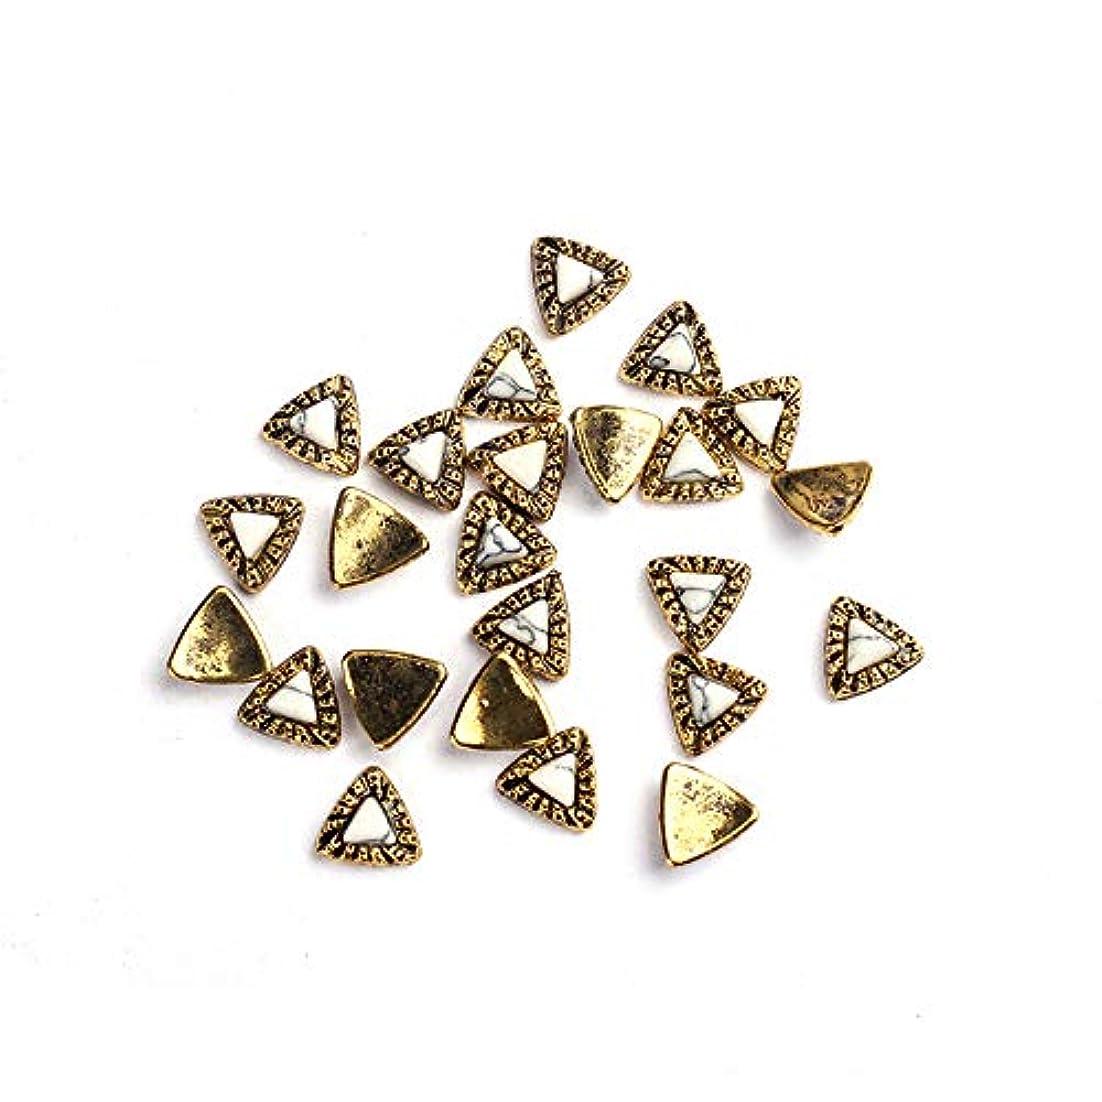 メトリックタップ敬20枚/ロットDIY UVチャームジュエリーアクセサリーについてはゴールデン亜鉛合金の金属小さな三角形UVジェルアート装飾セットビーズ